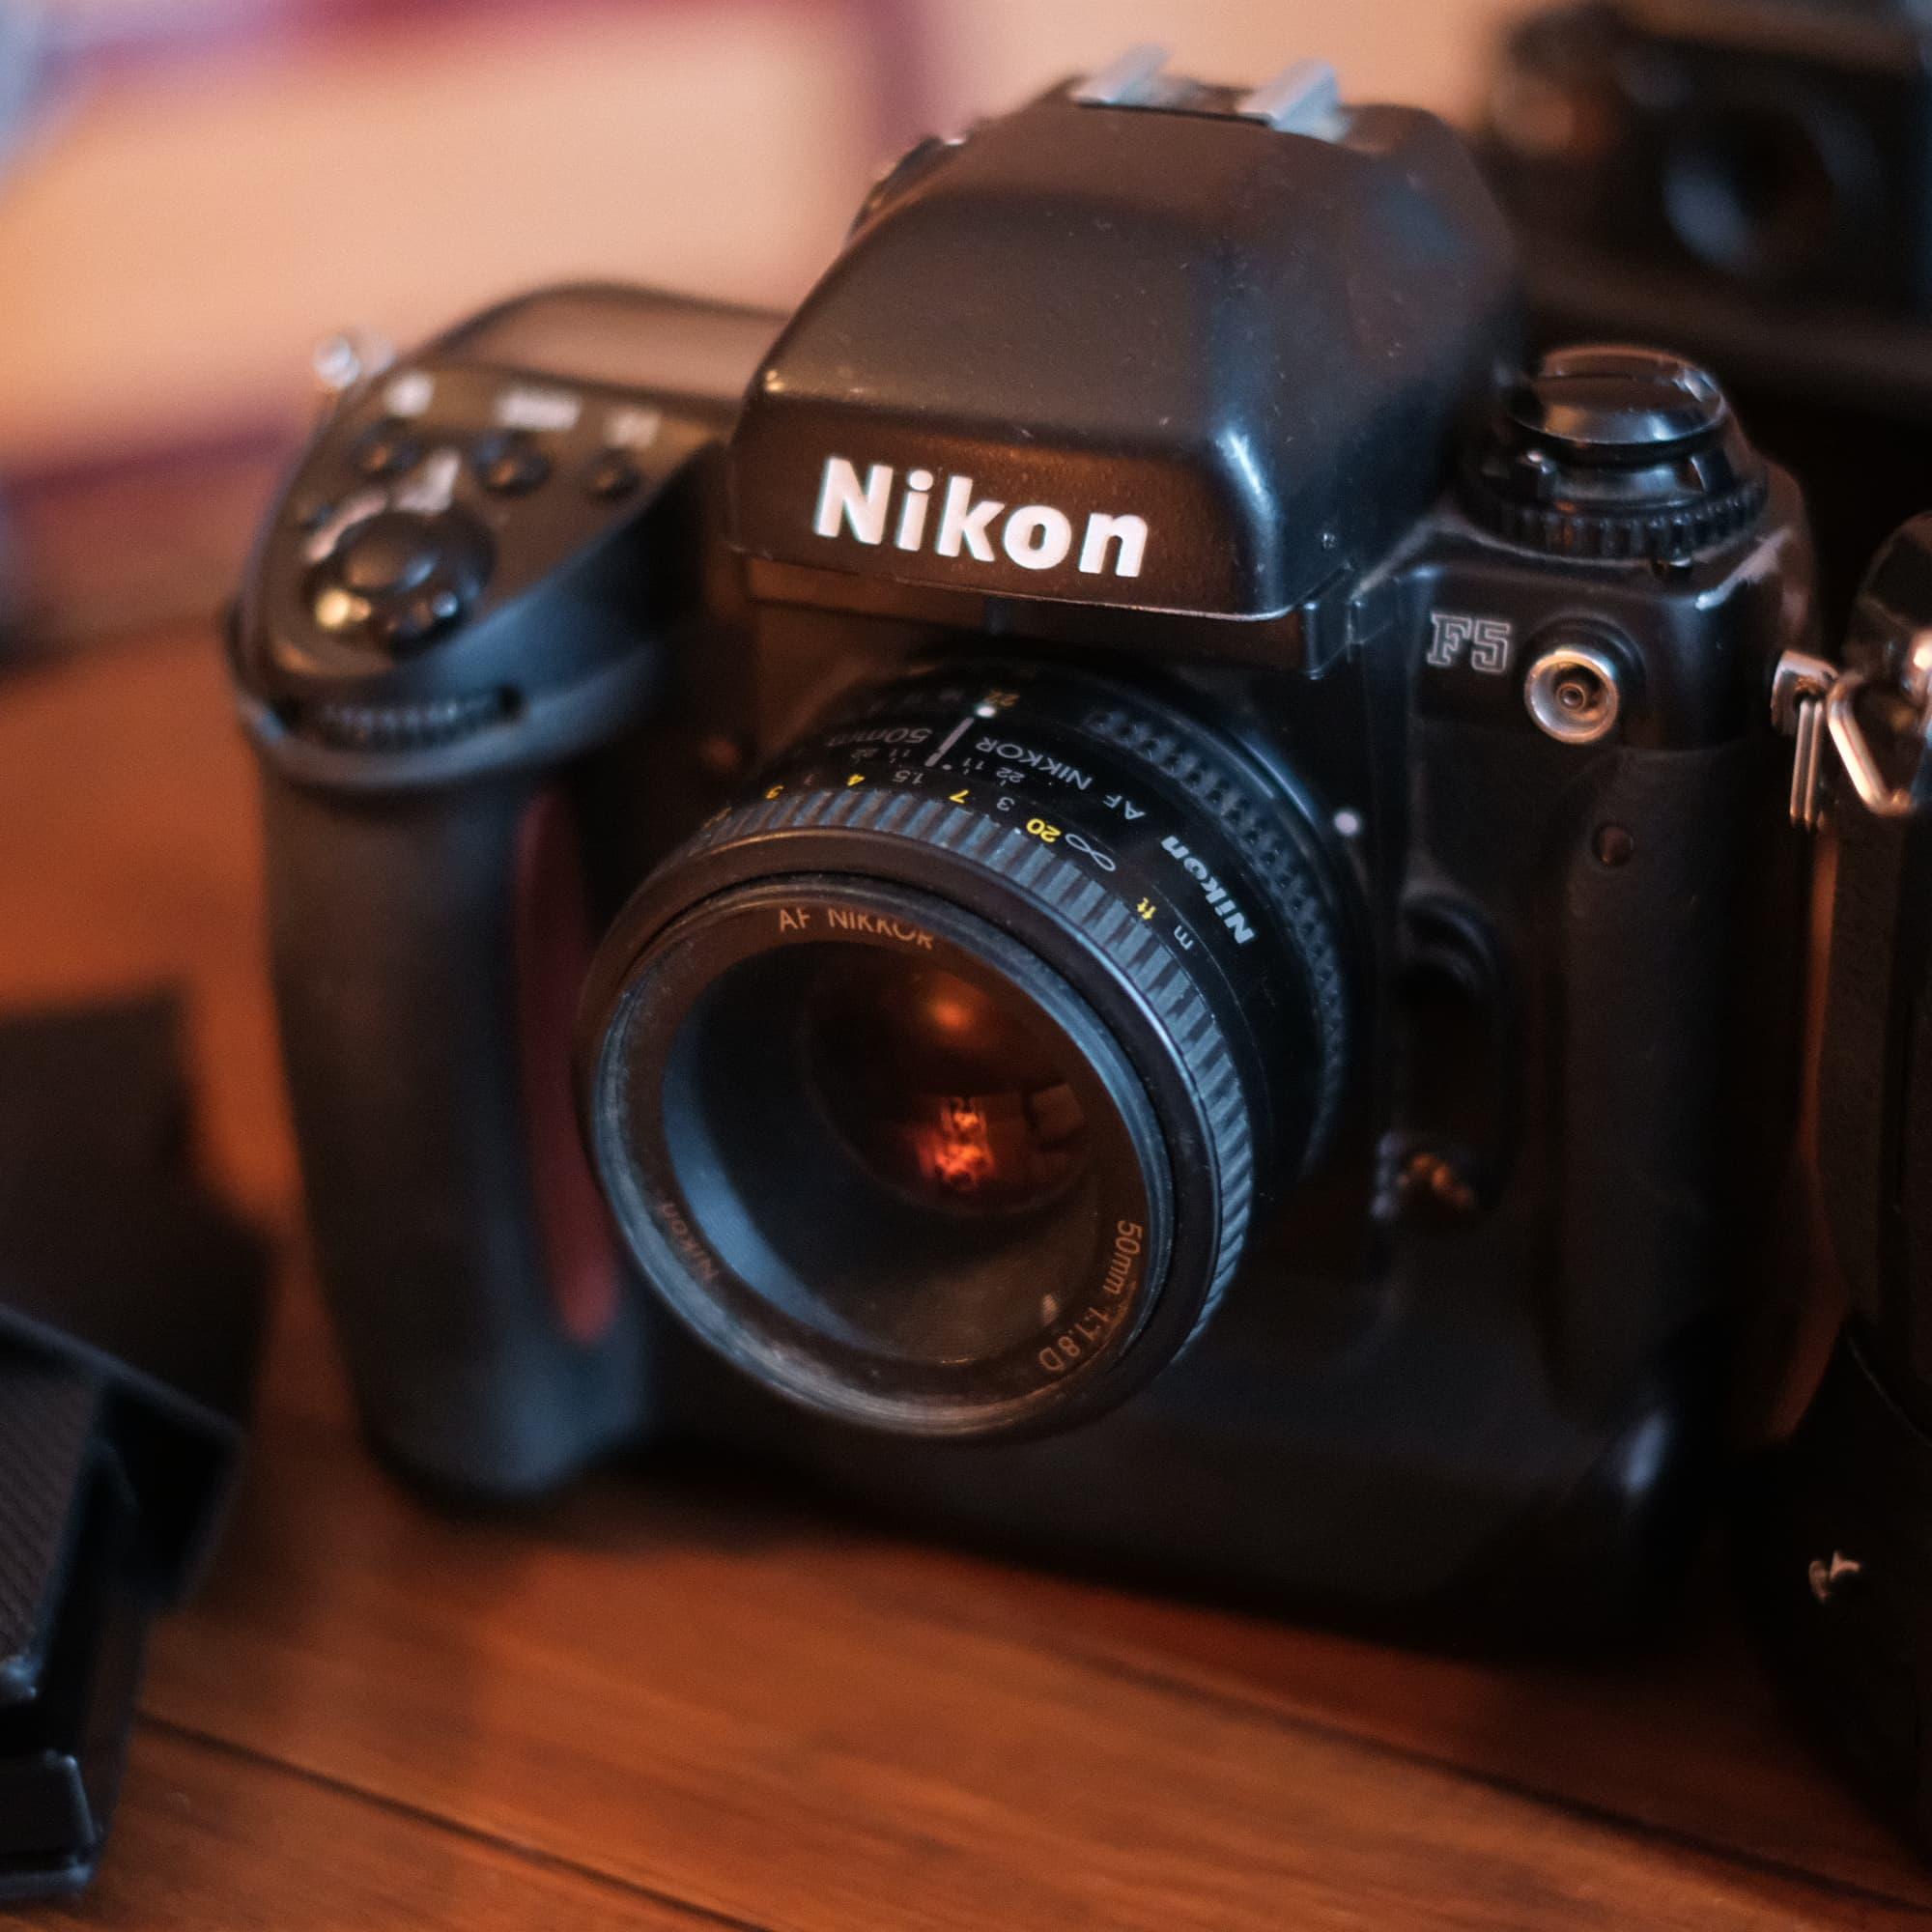 Nikon F5 relevant in 2019 review